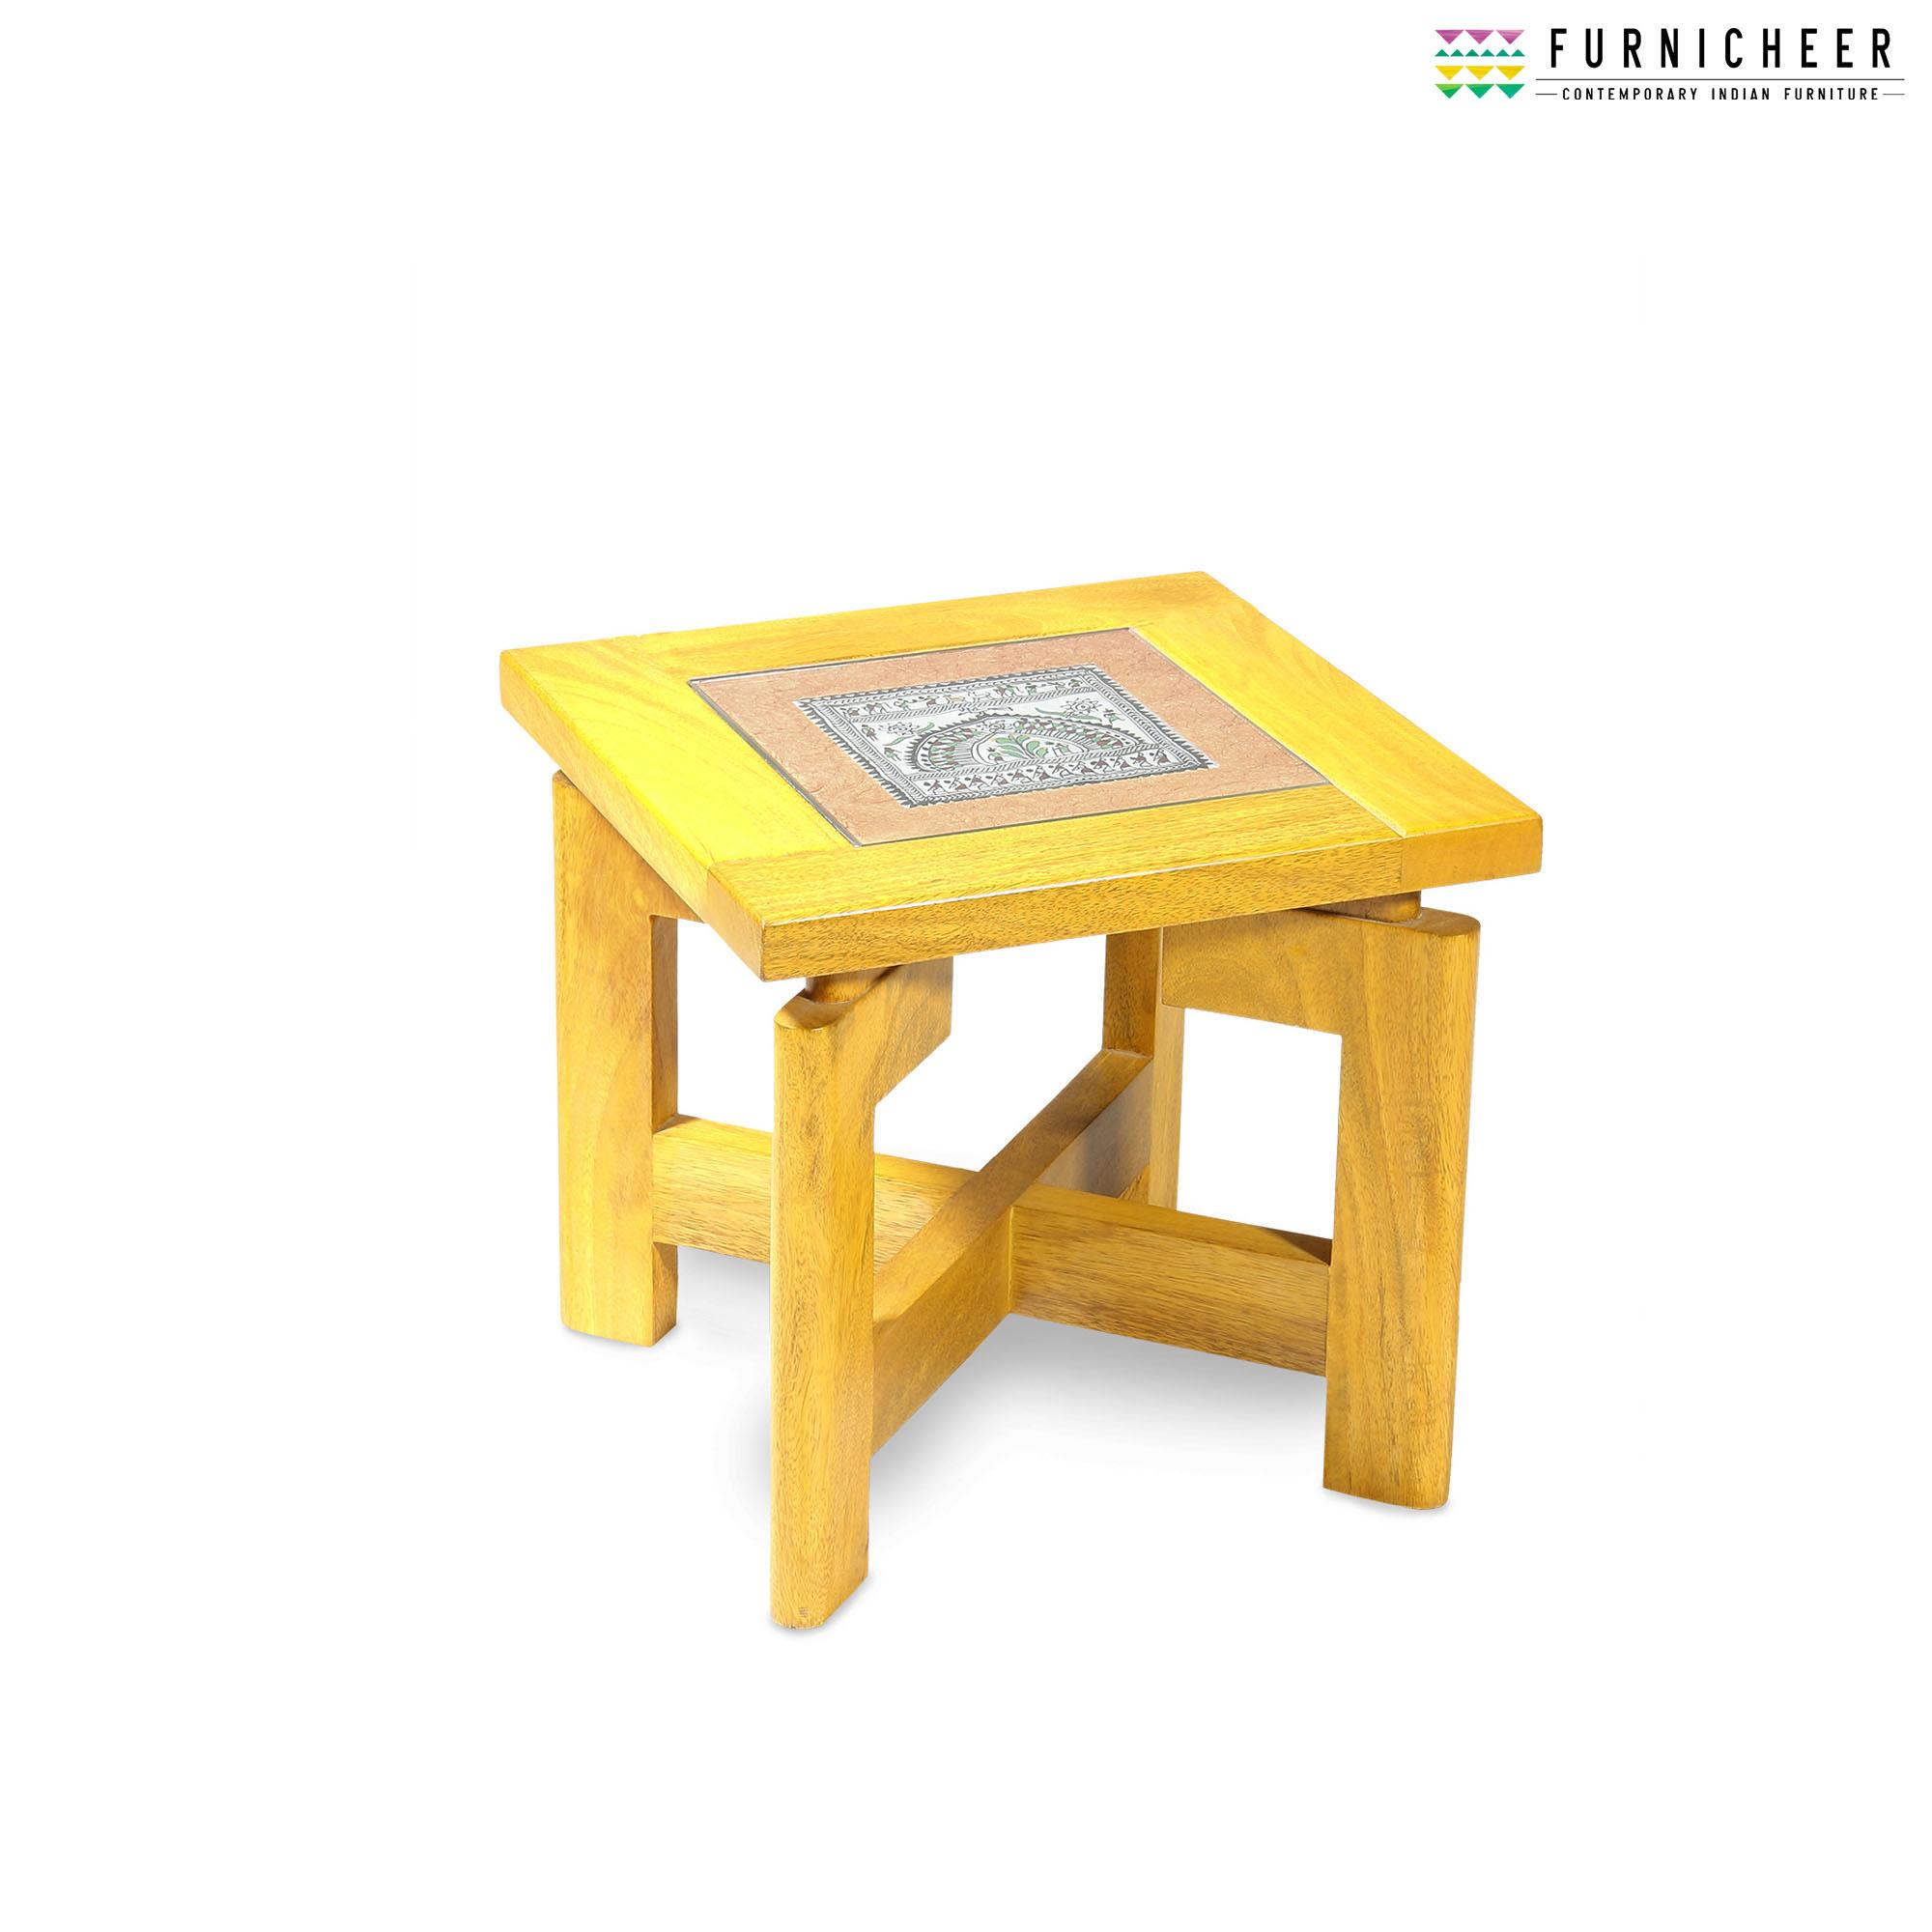 2.SIDE & END TABLE SKU TBYL7282